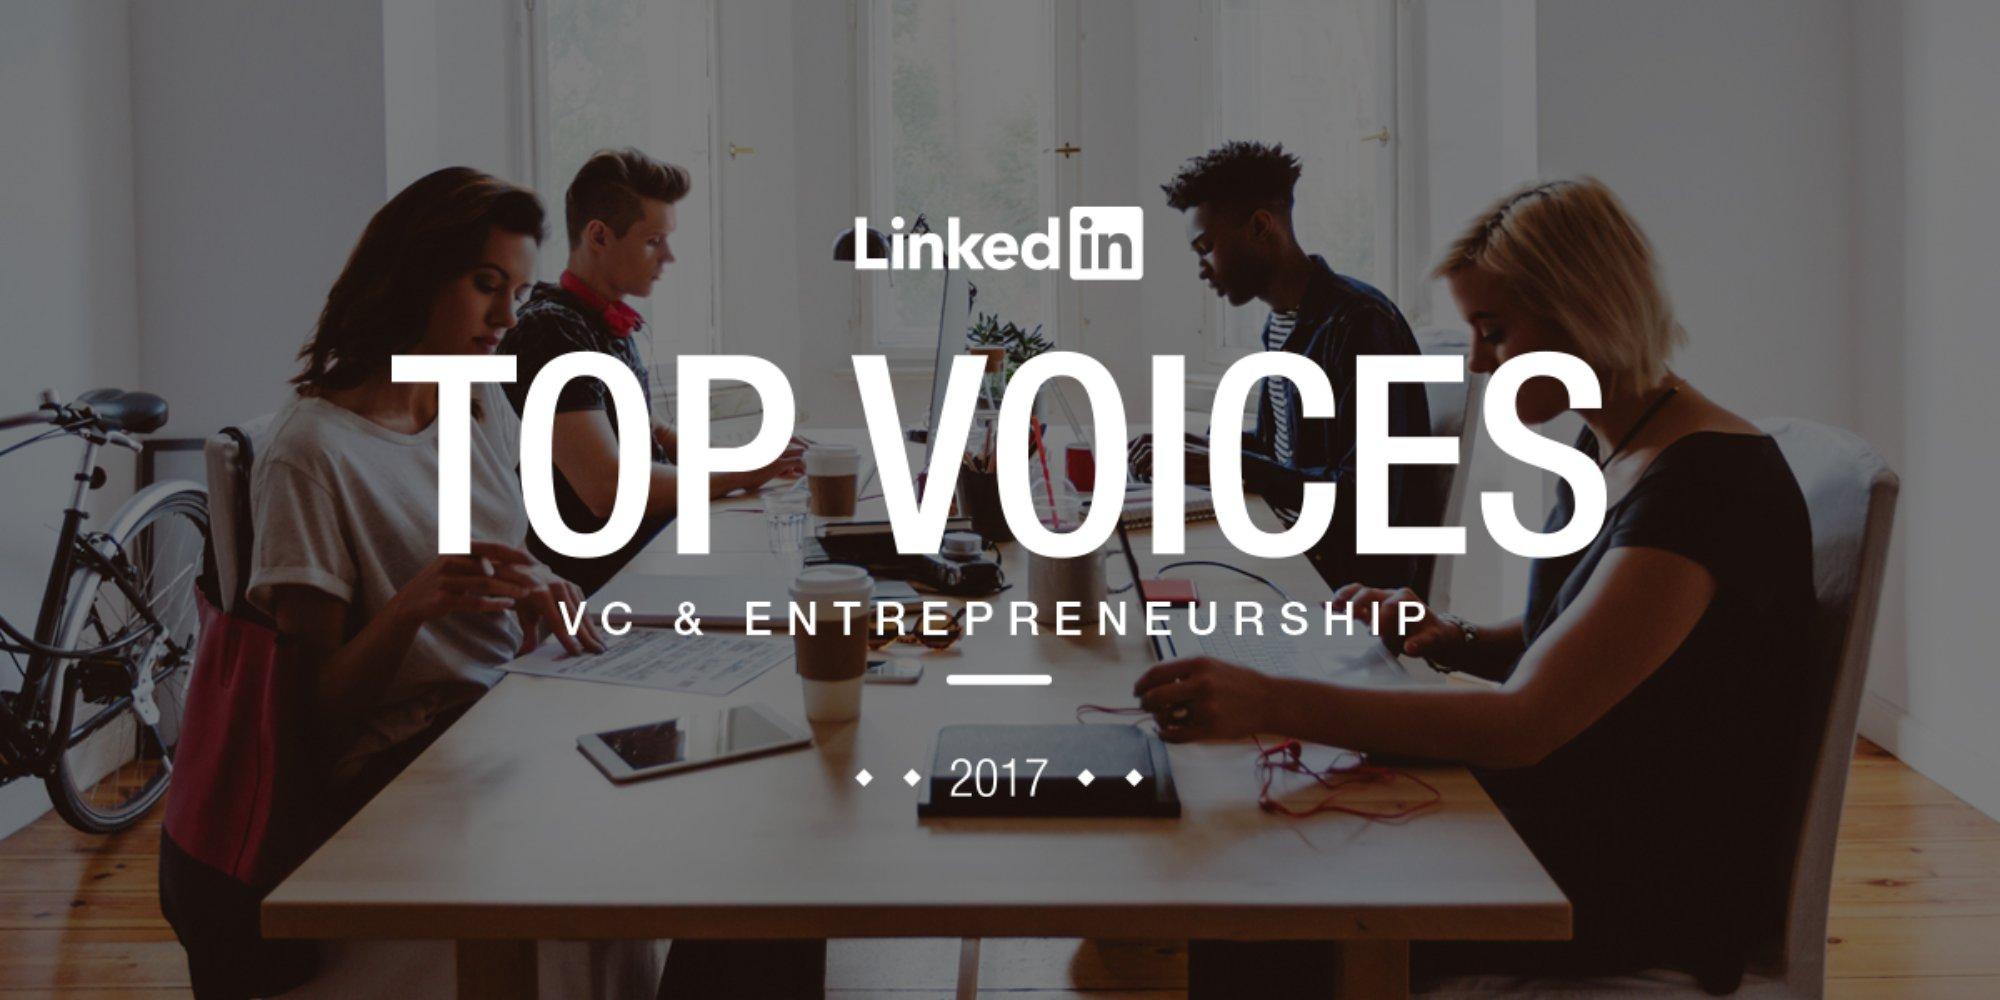 Linkedin_topvoices.jpg